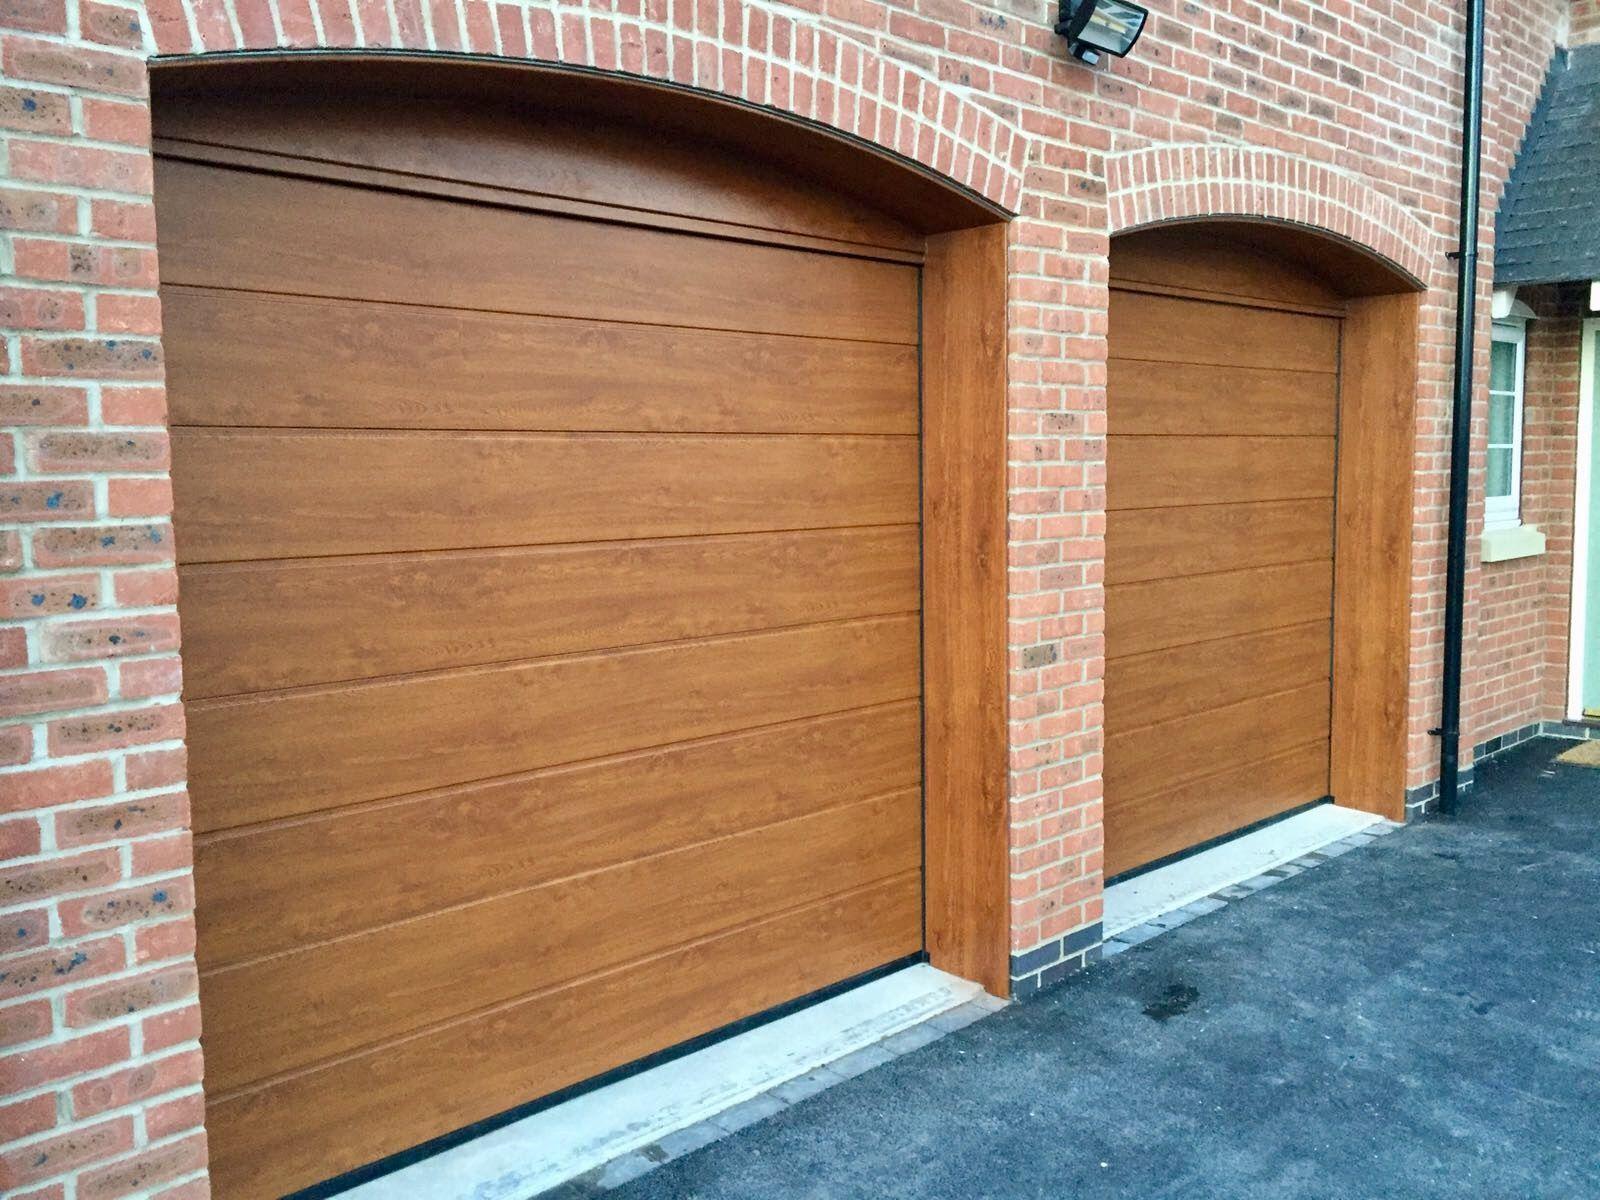 All seasons garage door ga httpvoteno123 pinterest cms doors quality range of garage front doors rubansaba